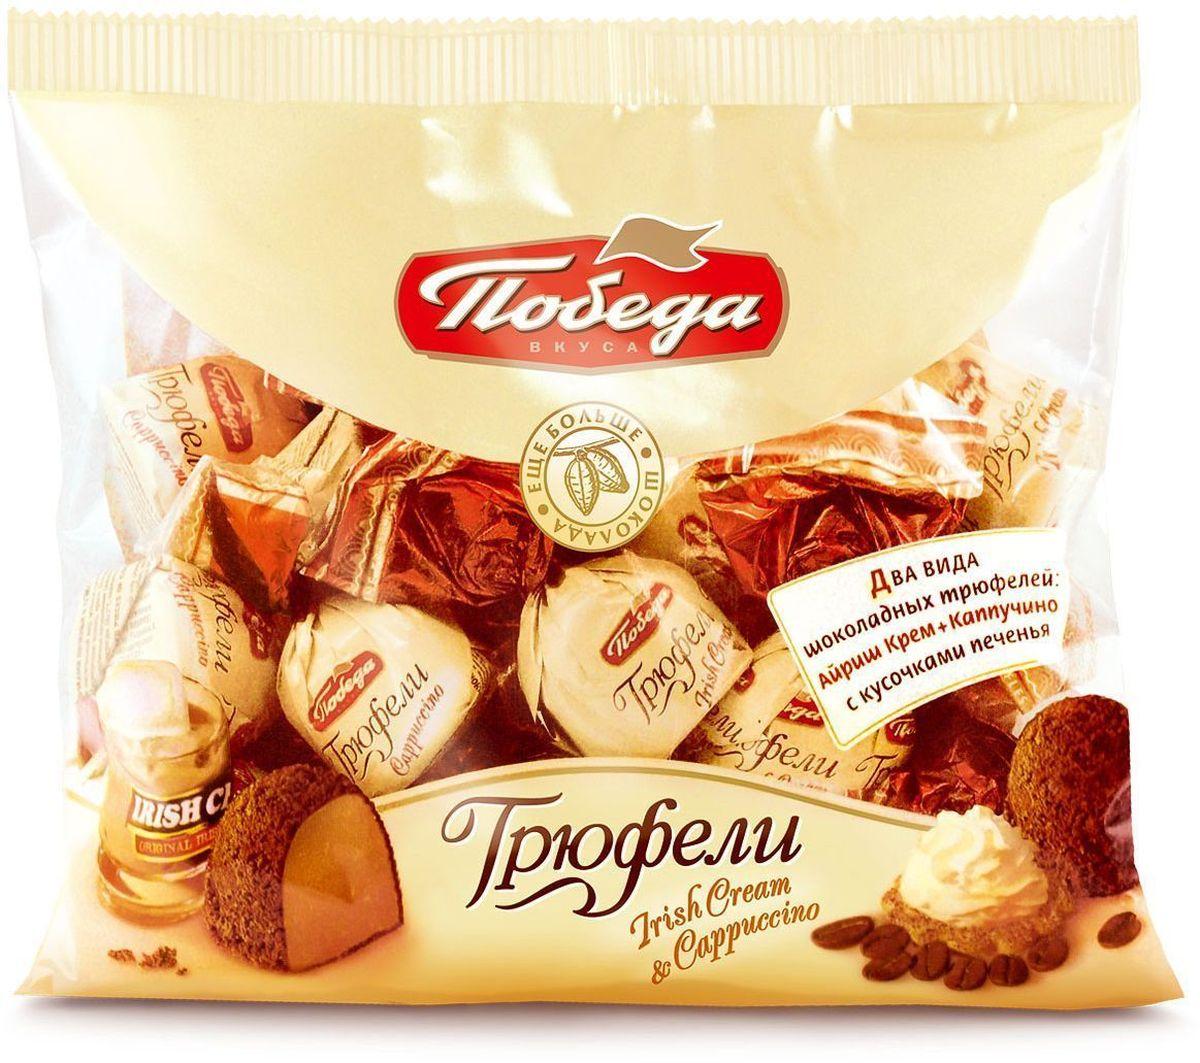 Победа вкуса Трюфели Айриш Крем + Капучино два вида шоколадных трюфелей с кусочками печенья, 250 г победа вкуса трюфели с амаретто шоколадные конфеты 180 г